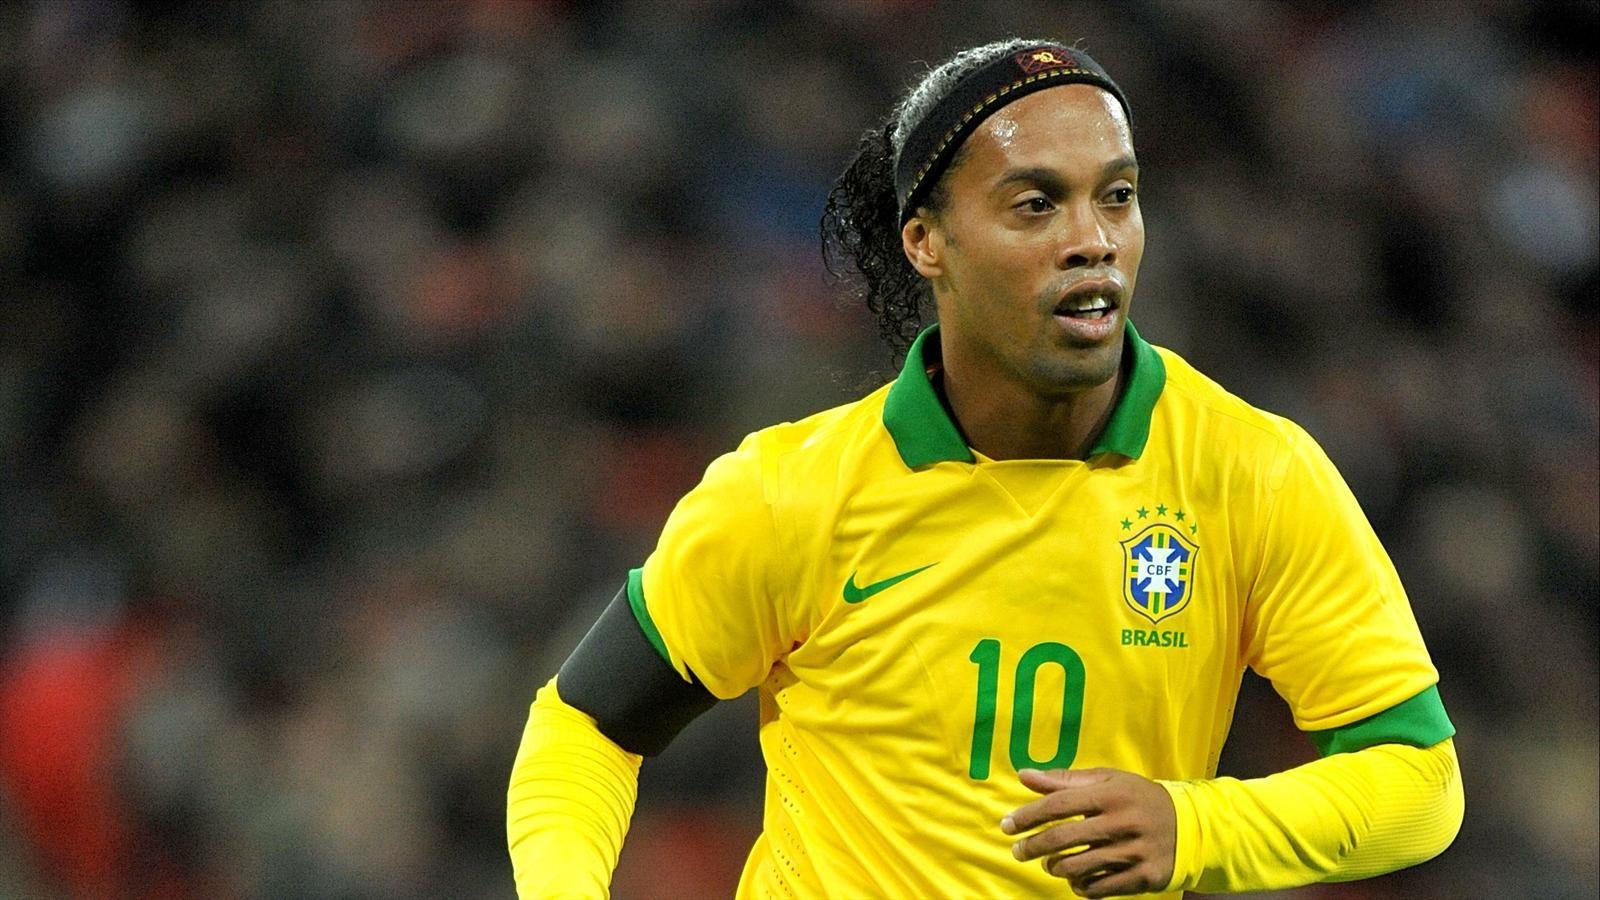 Mọi người đều yêu mến Ronaldinho vì phong cách chơi bóng như một ảo thuật gia và nụ cười luôn hé mở